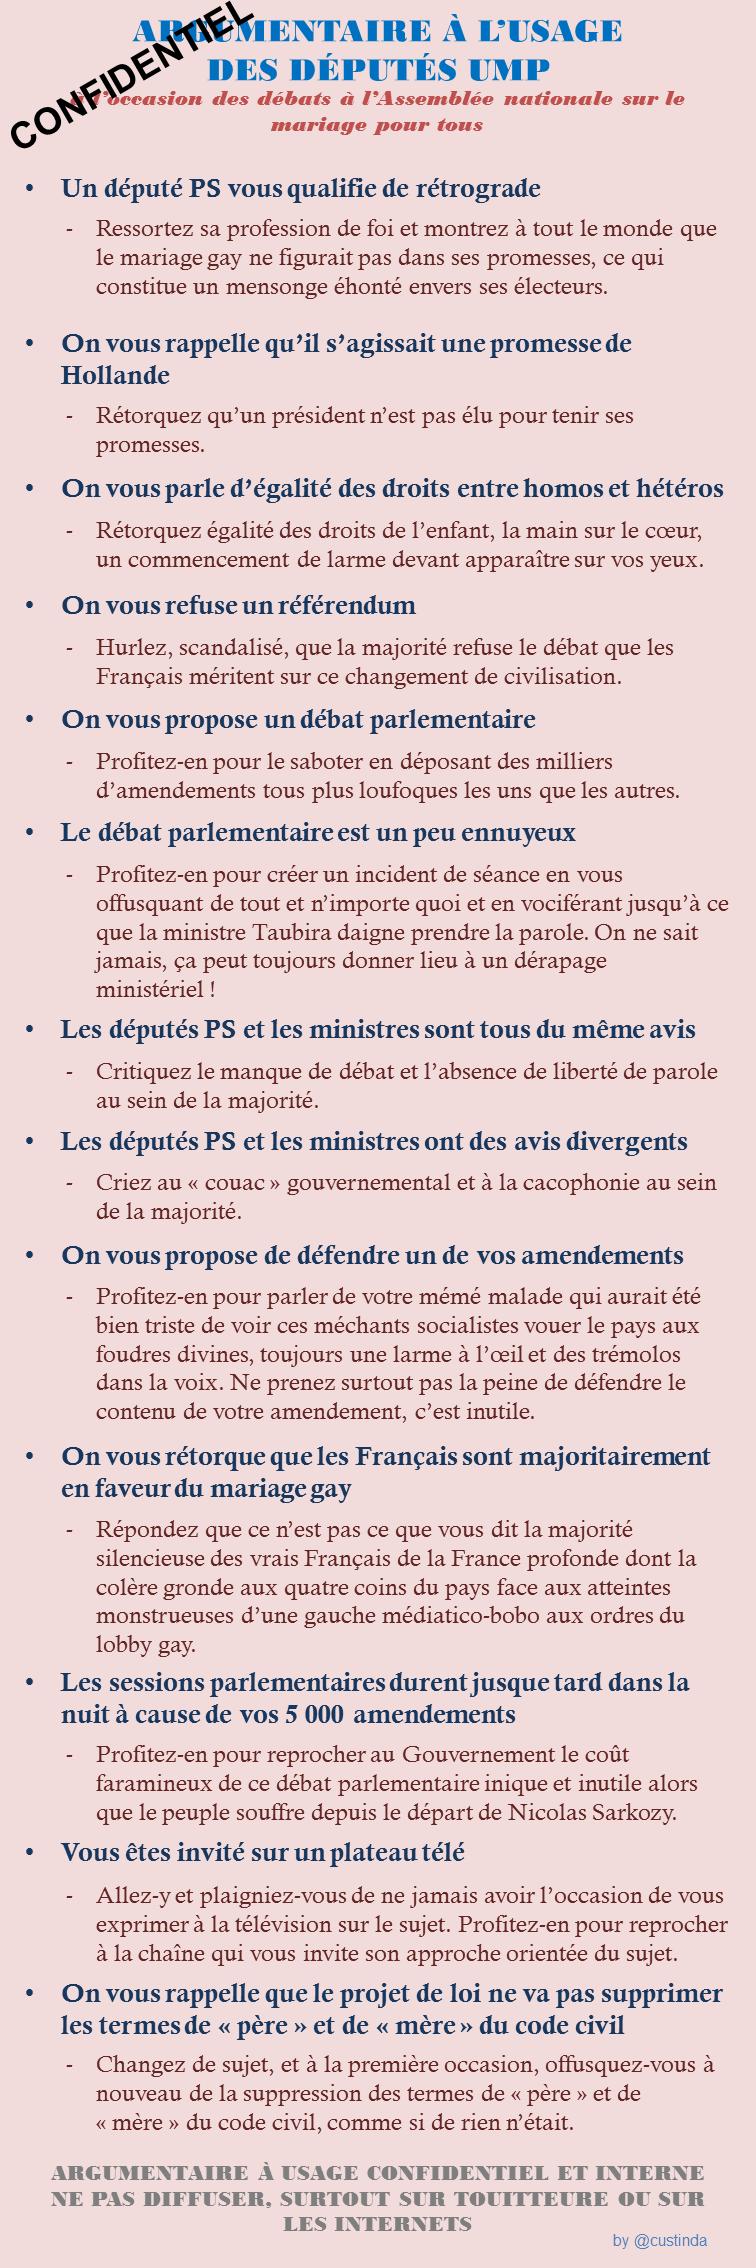 Argumentaire UMP pour le mariage pour tous ©Custinda